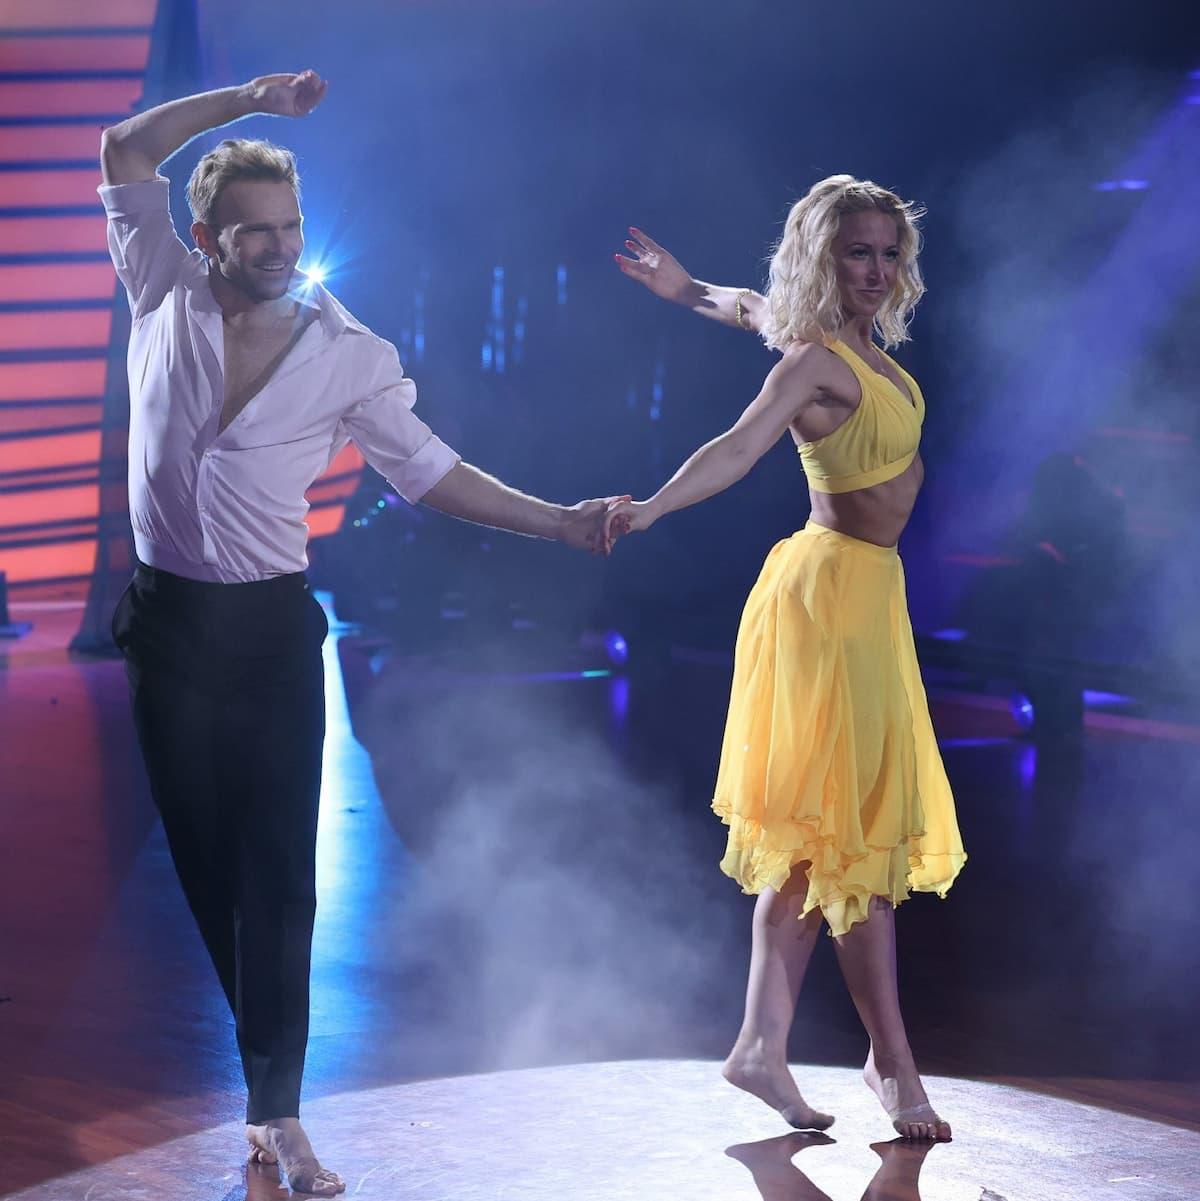 Platz 2 Let's dance Profi-Challenge 2021 Vadim Garbuzov - Kathrin Menzinger